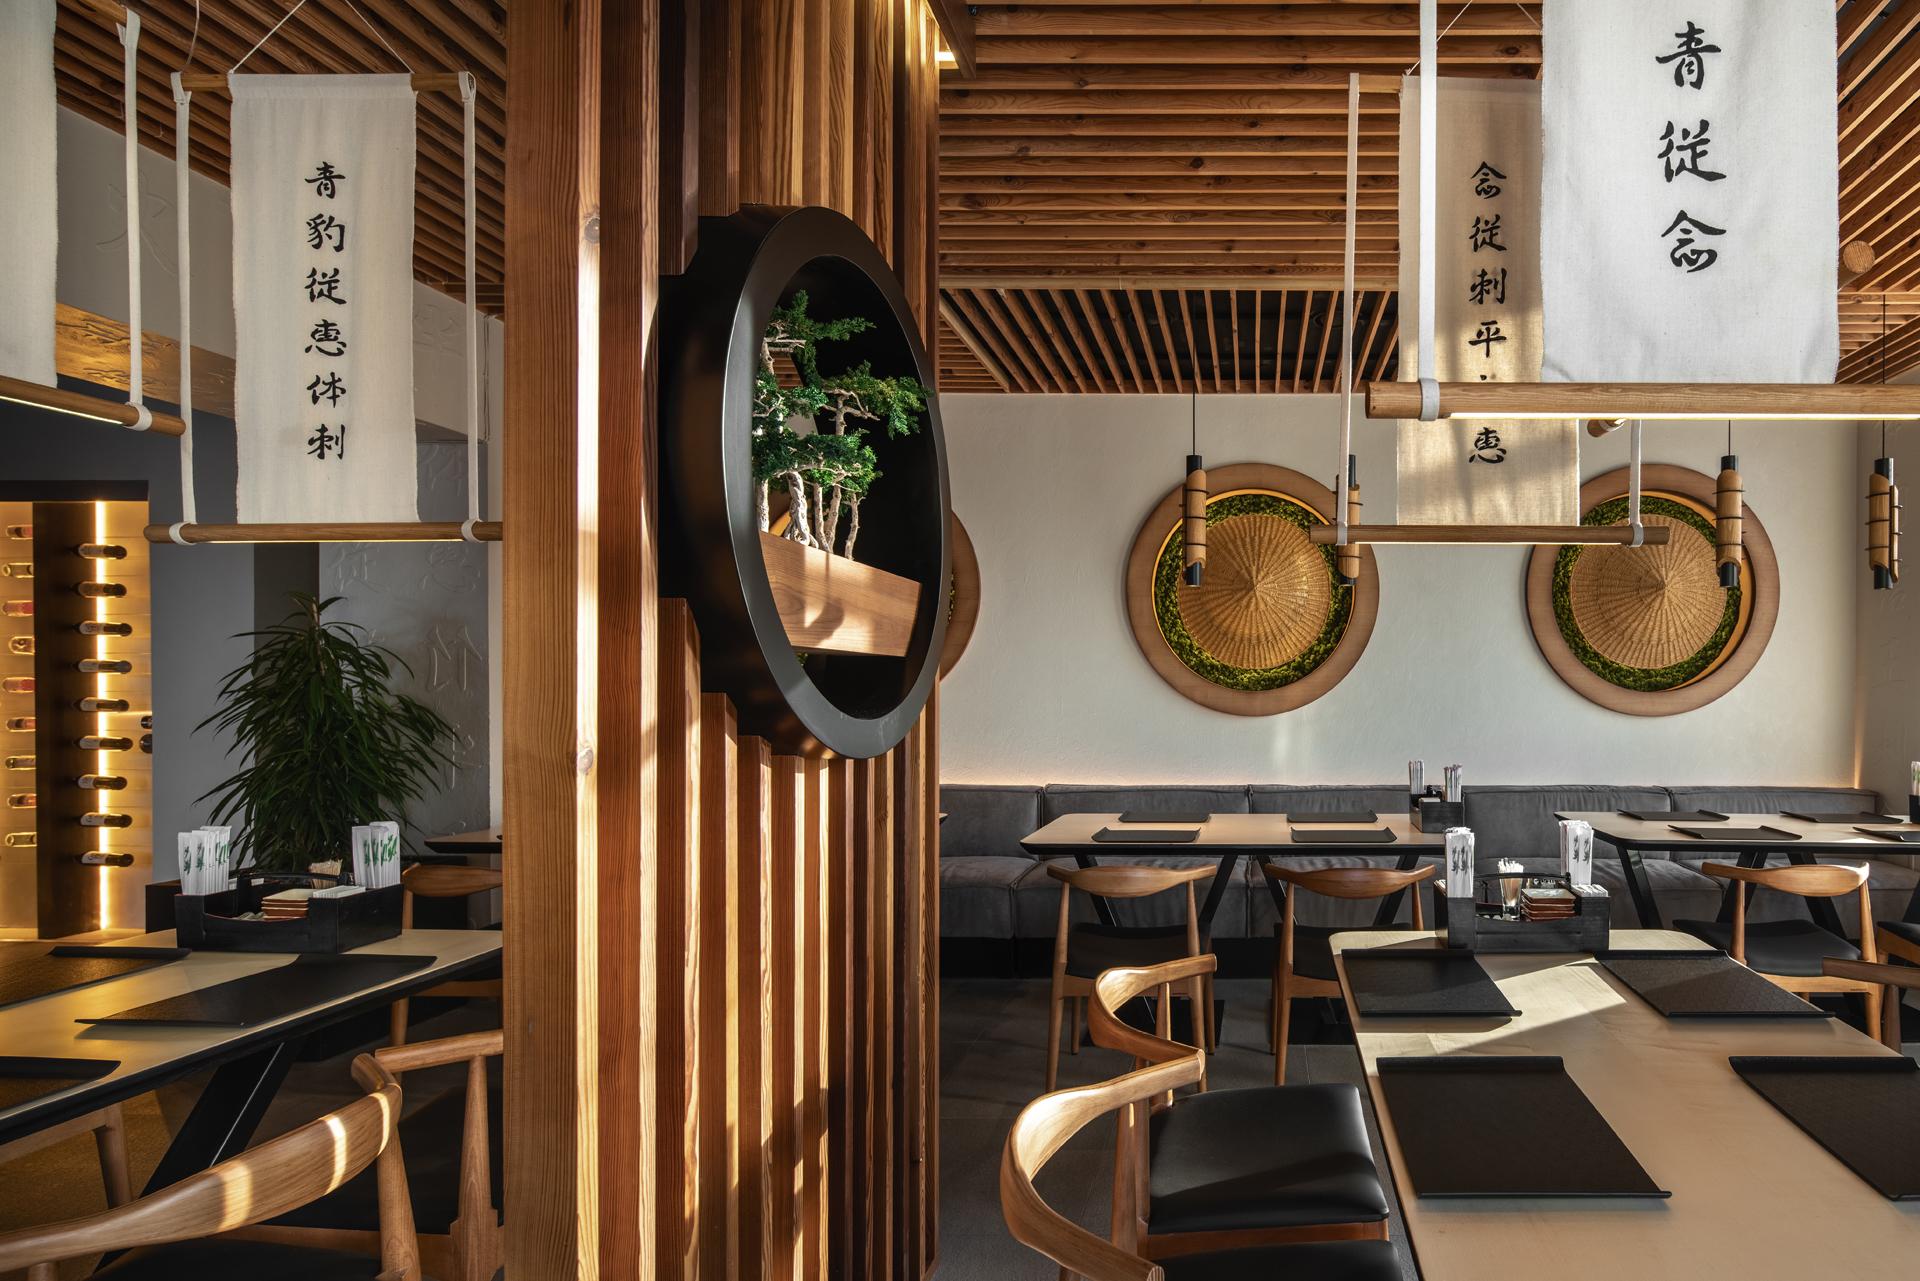 metra-studio_современный_дизайн_ рестора